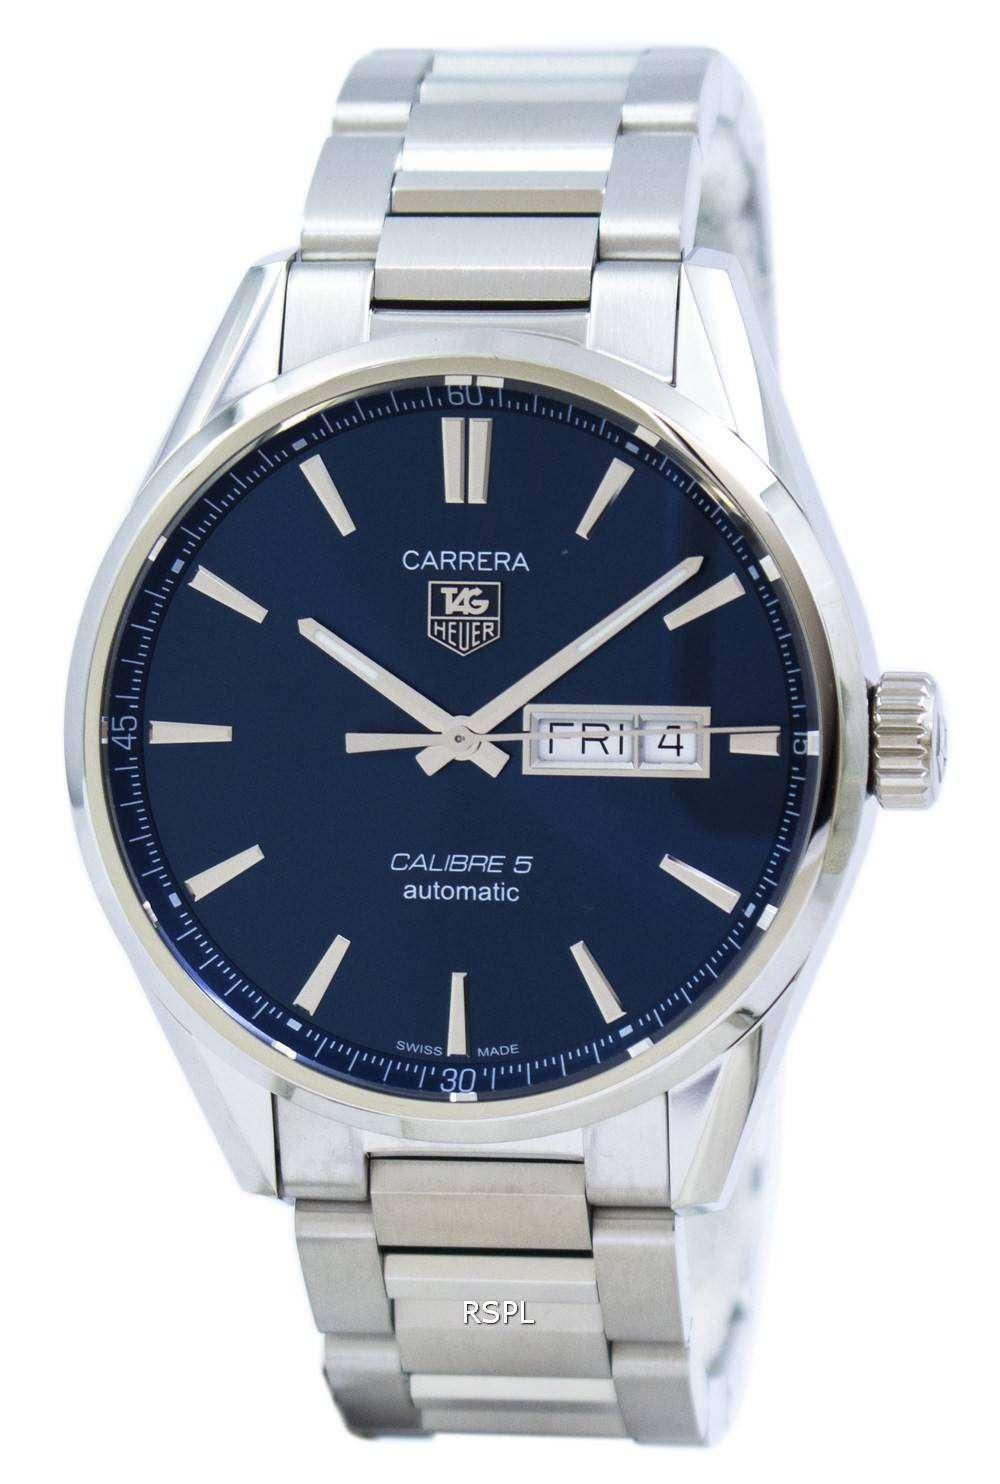 タグ ・ ホイヤー カレラ自動 WAR201E。BA0723 メンズ腕時計